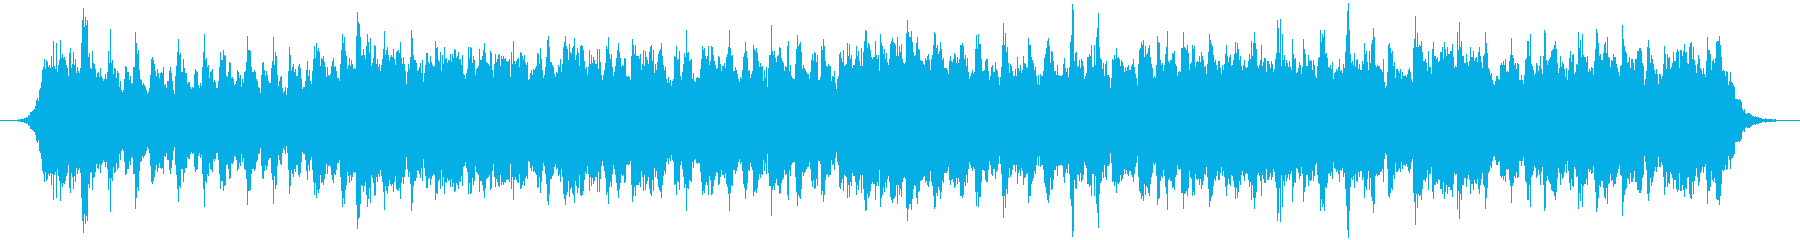 ゲームのオープニングBGM の再生済みの波形